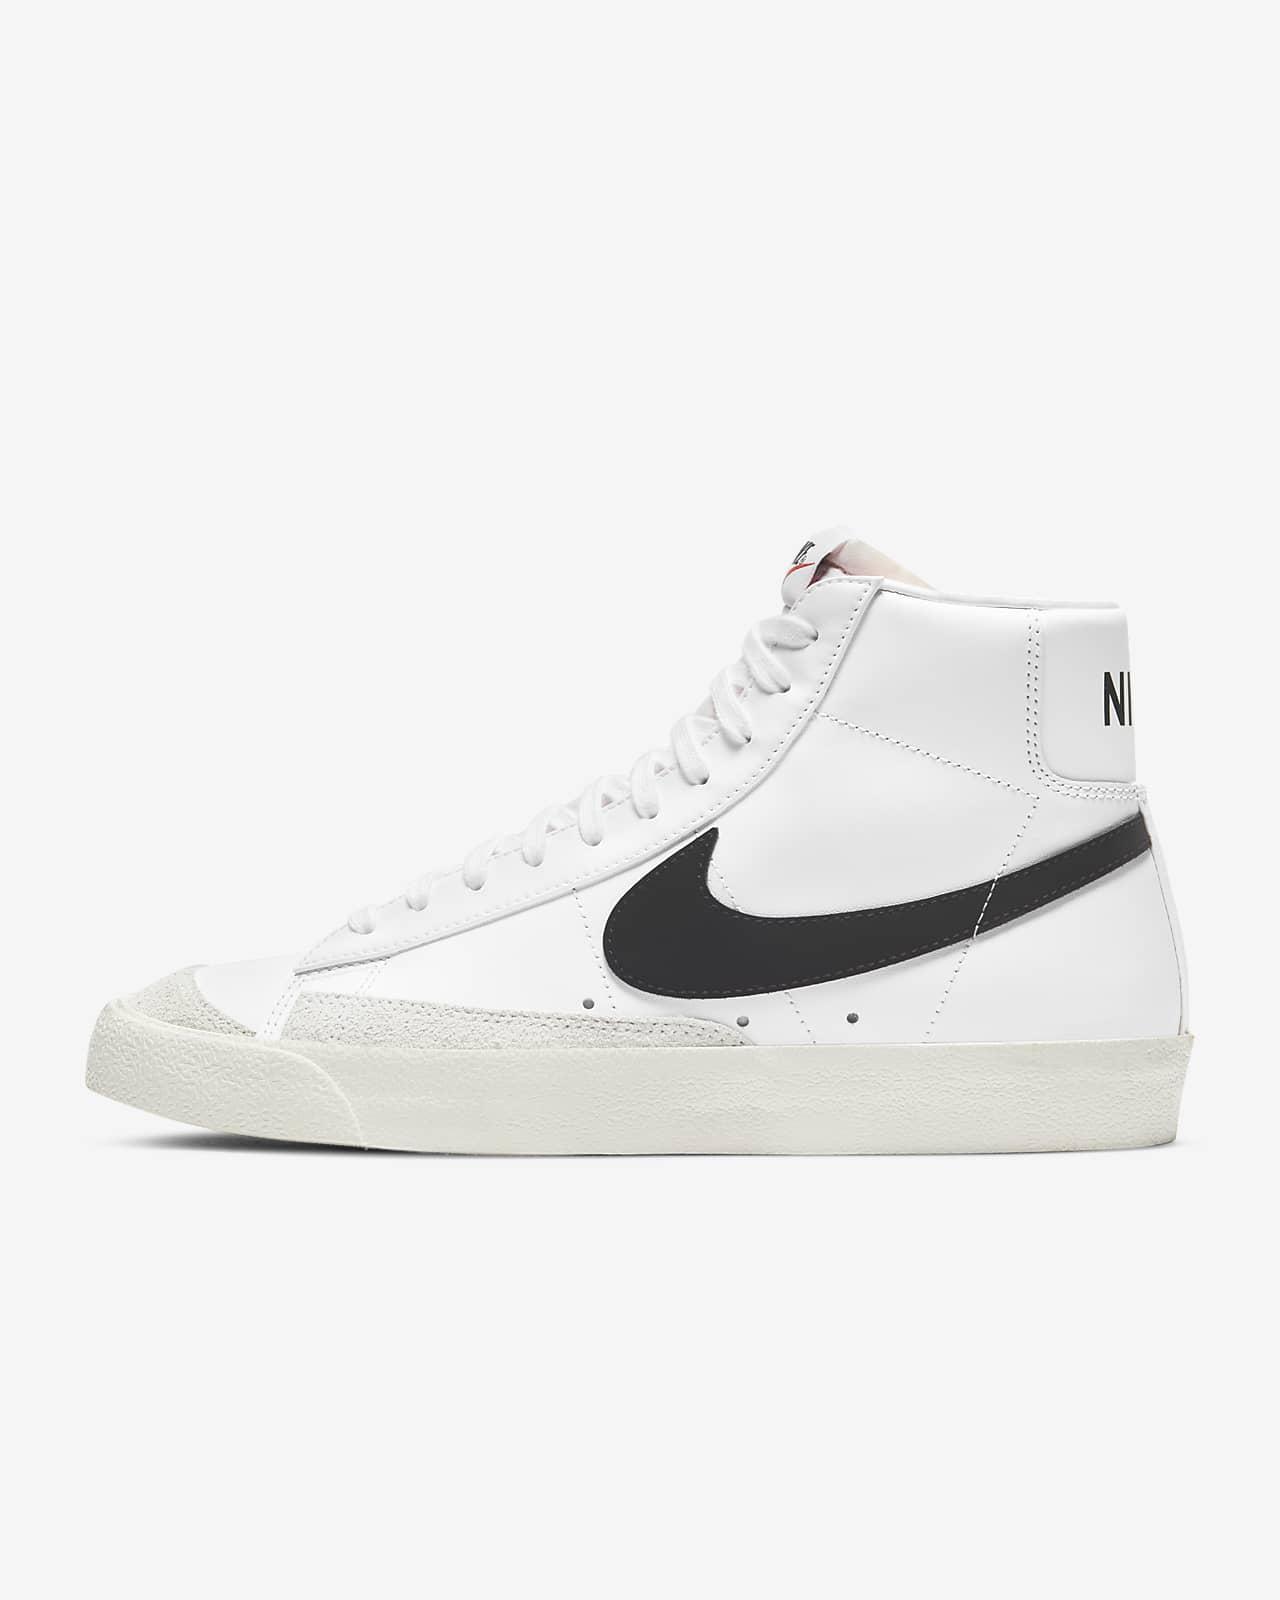 Ανδρικό παπούτσι Nike Blazer Mid '77 Vintage